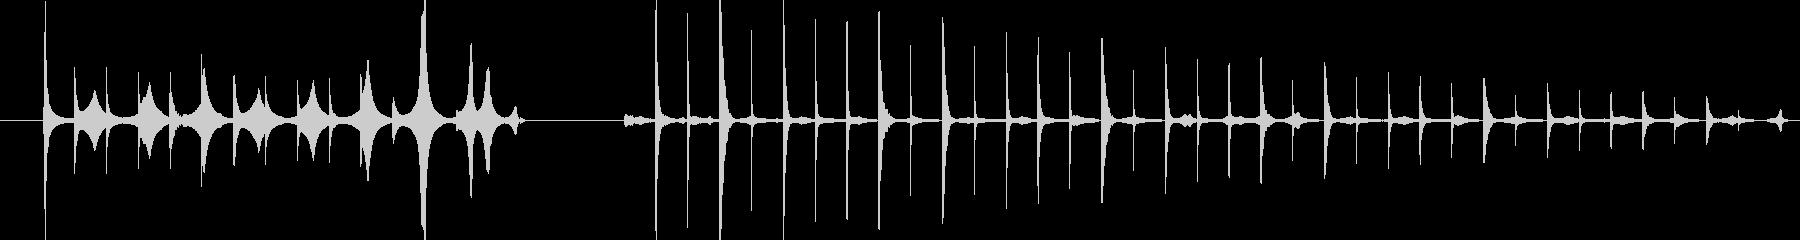 打撃 Whimper Blob 01の未再生の波形